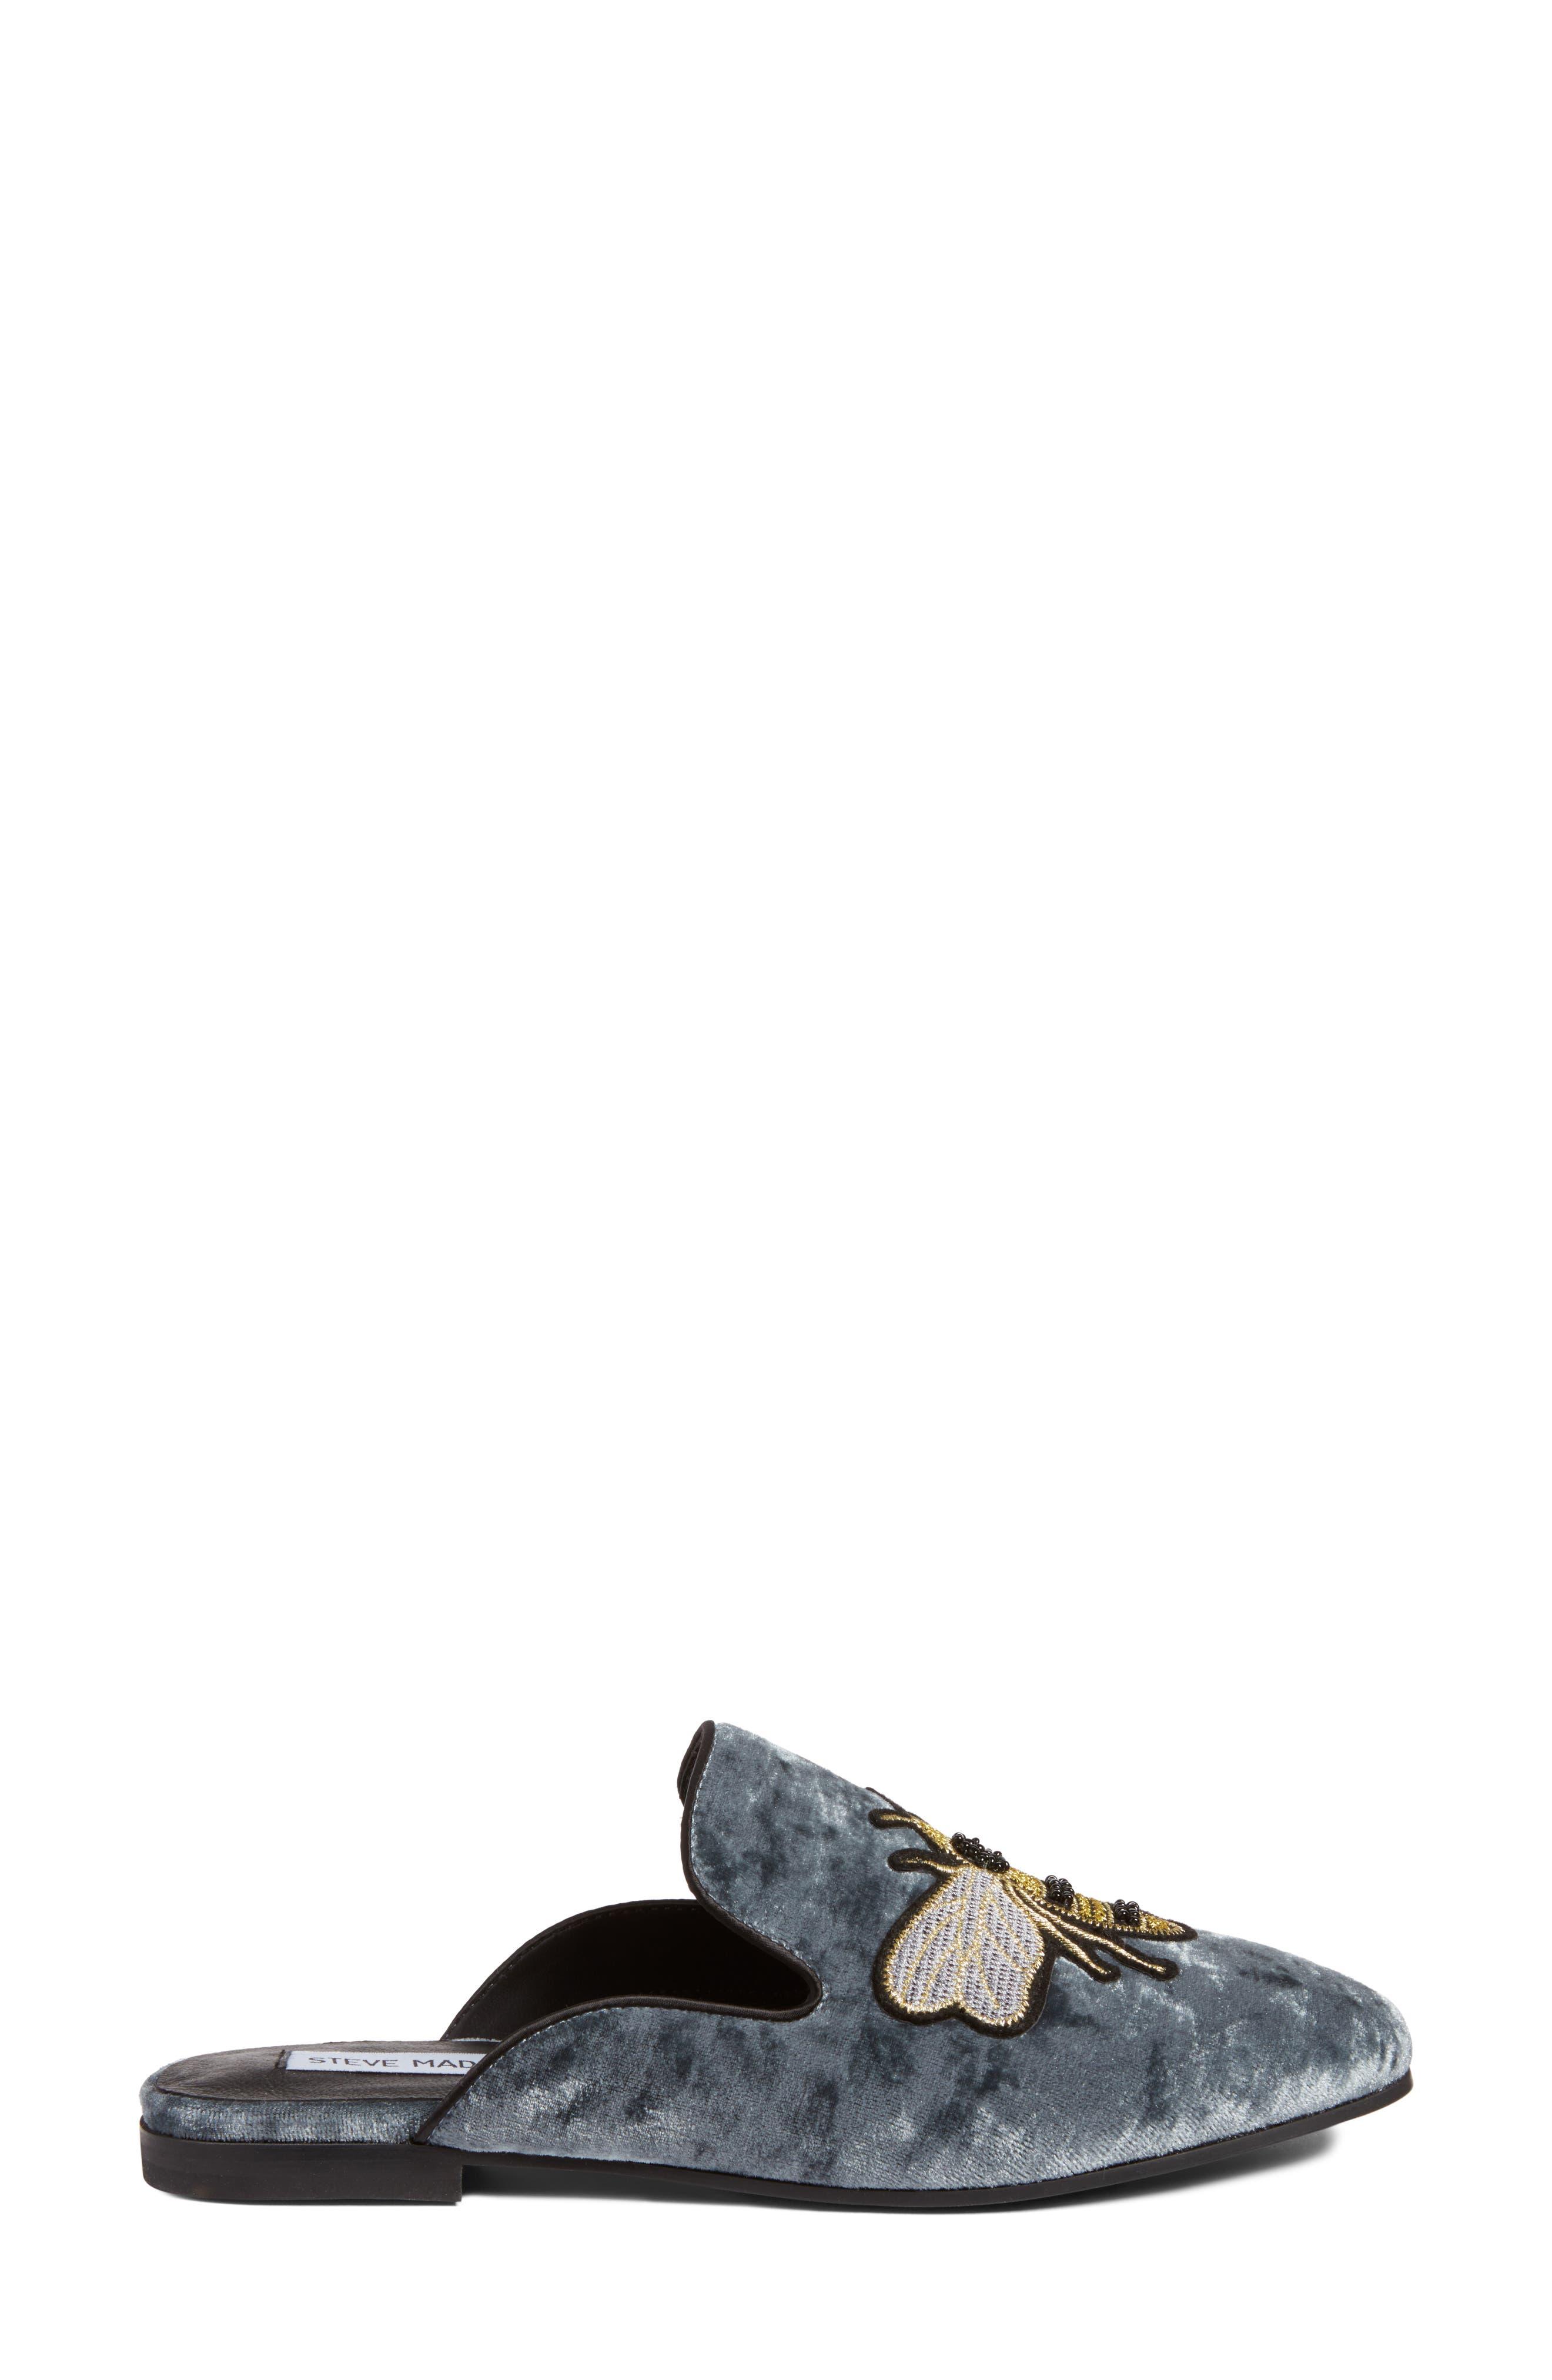 Alternate Image 3  - Steve Madden Hugh Embellished Mule (Women)